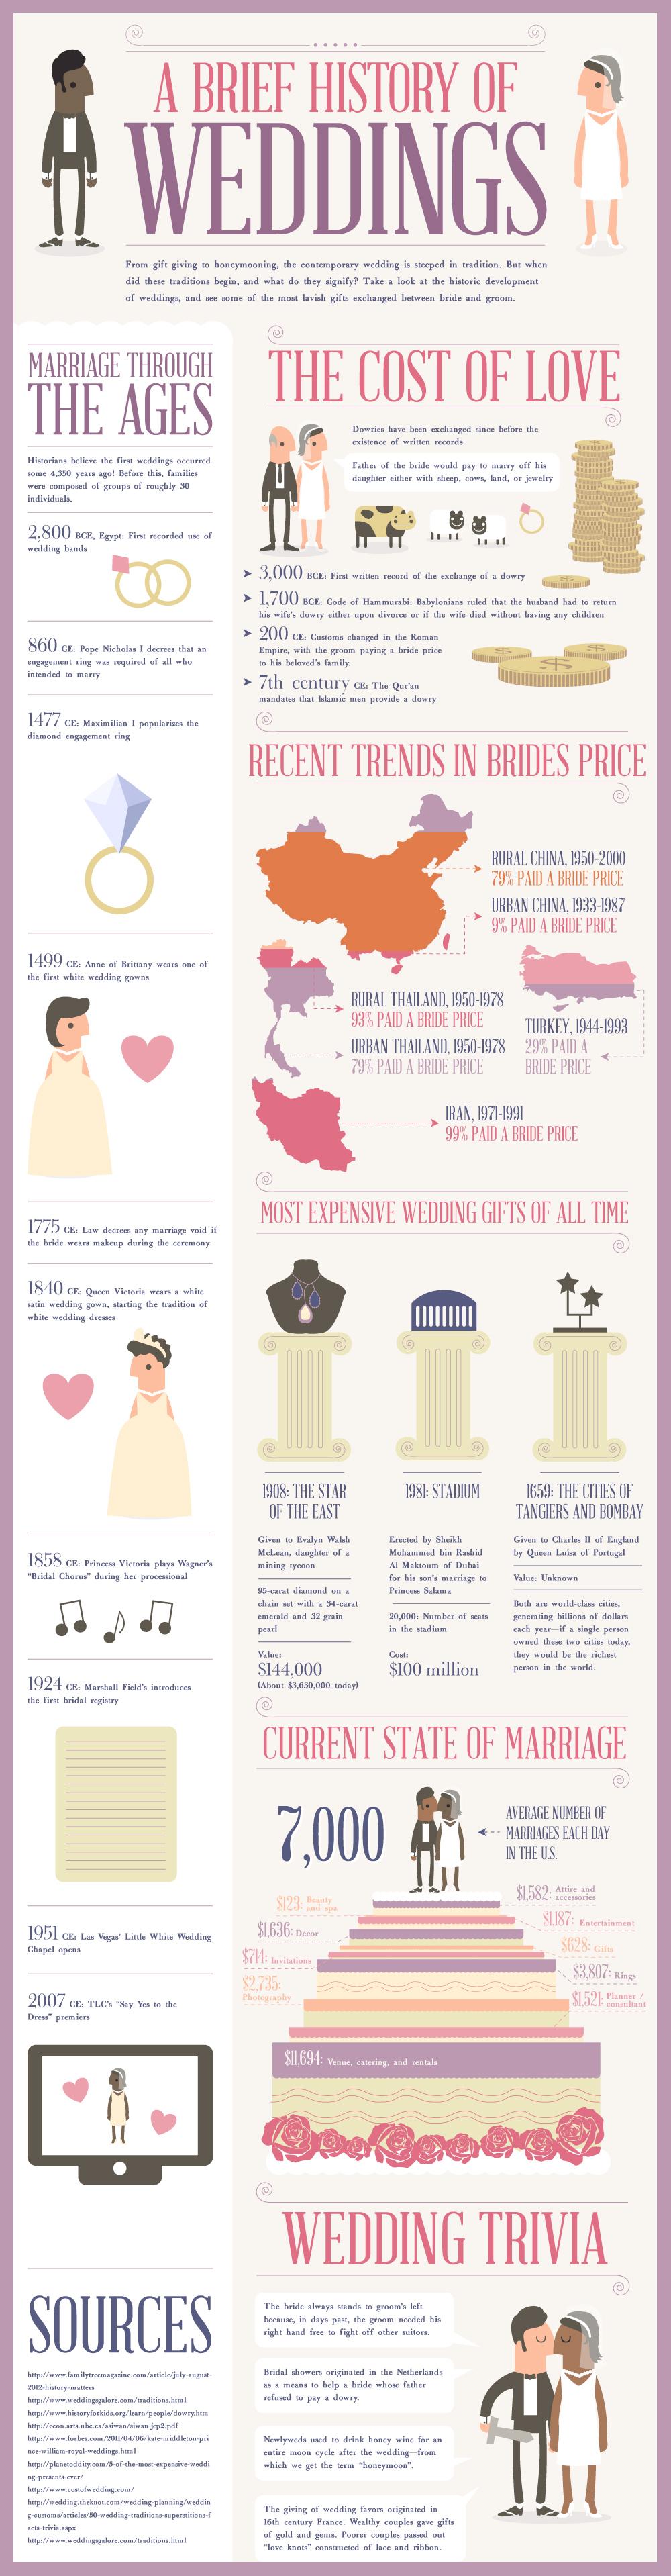 a-brief-history-of-weddings_50be7ff4466de